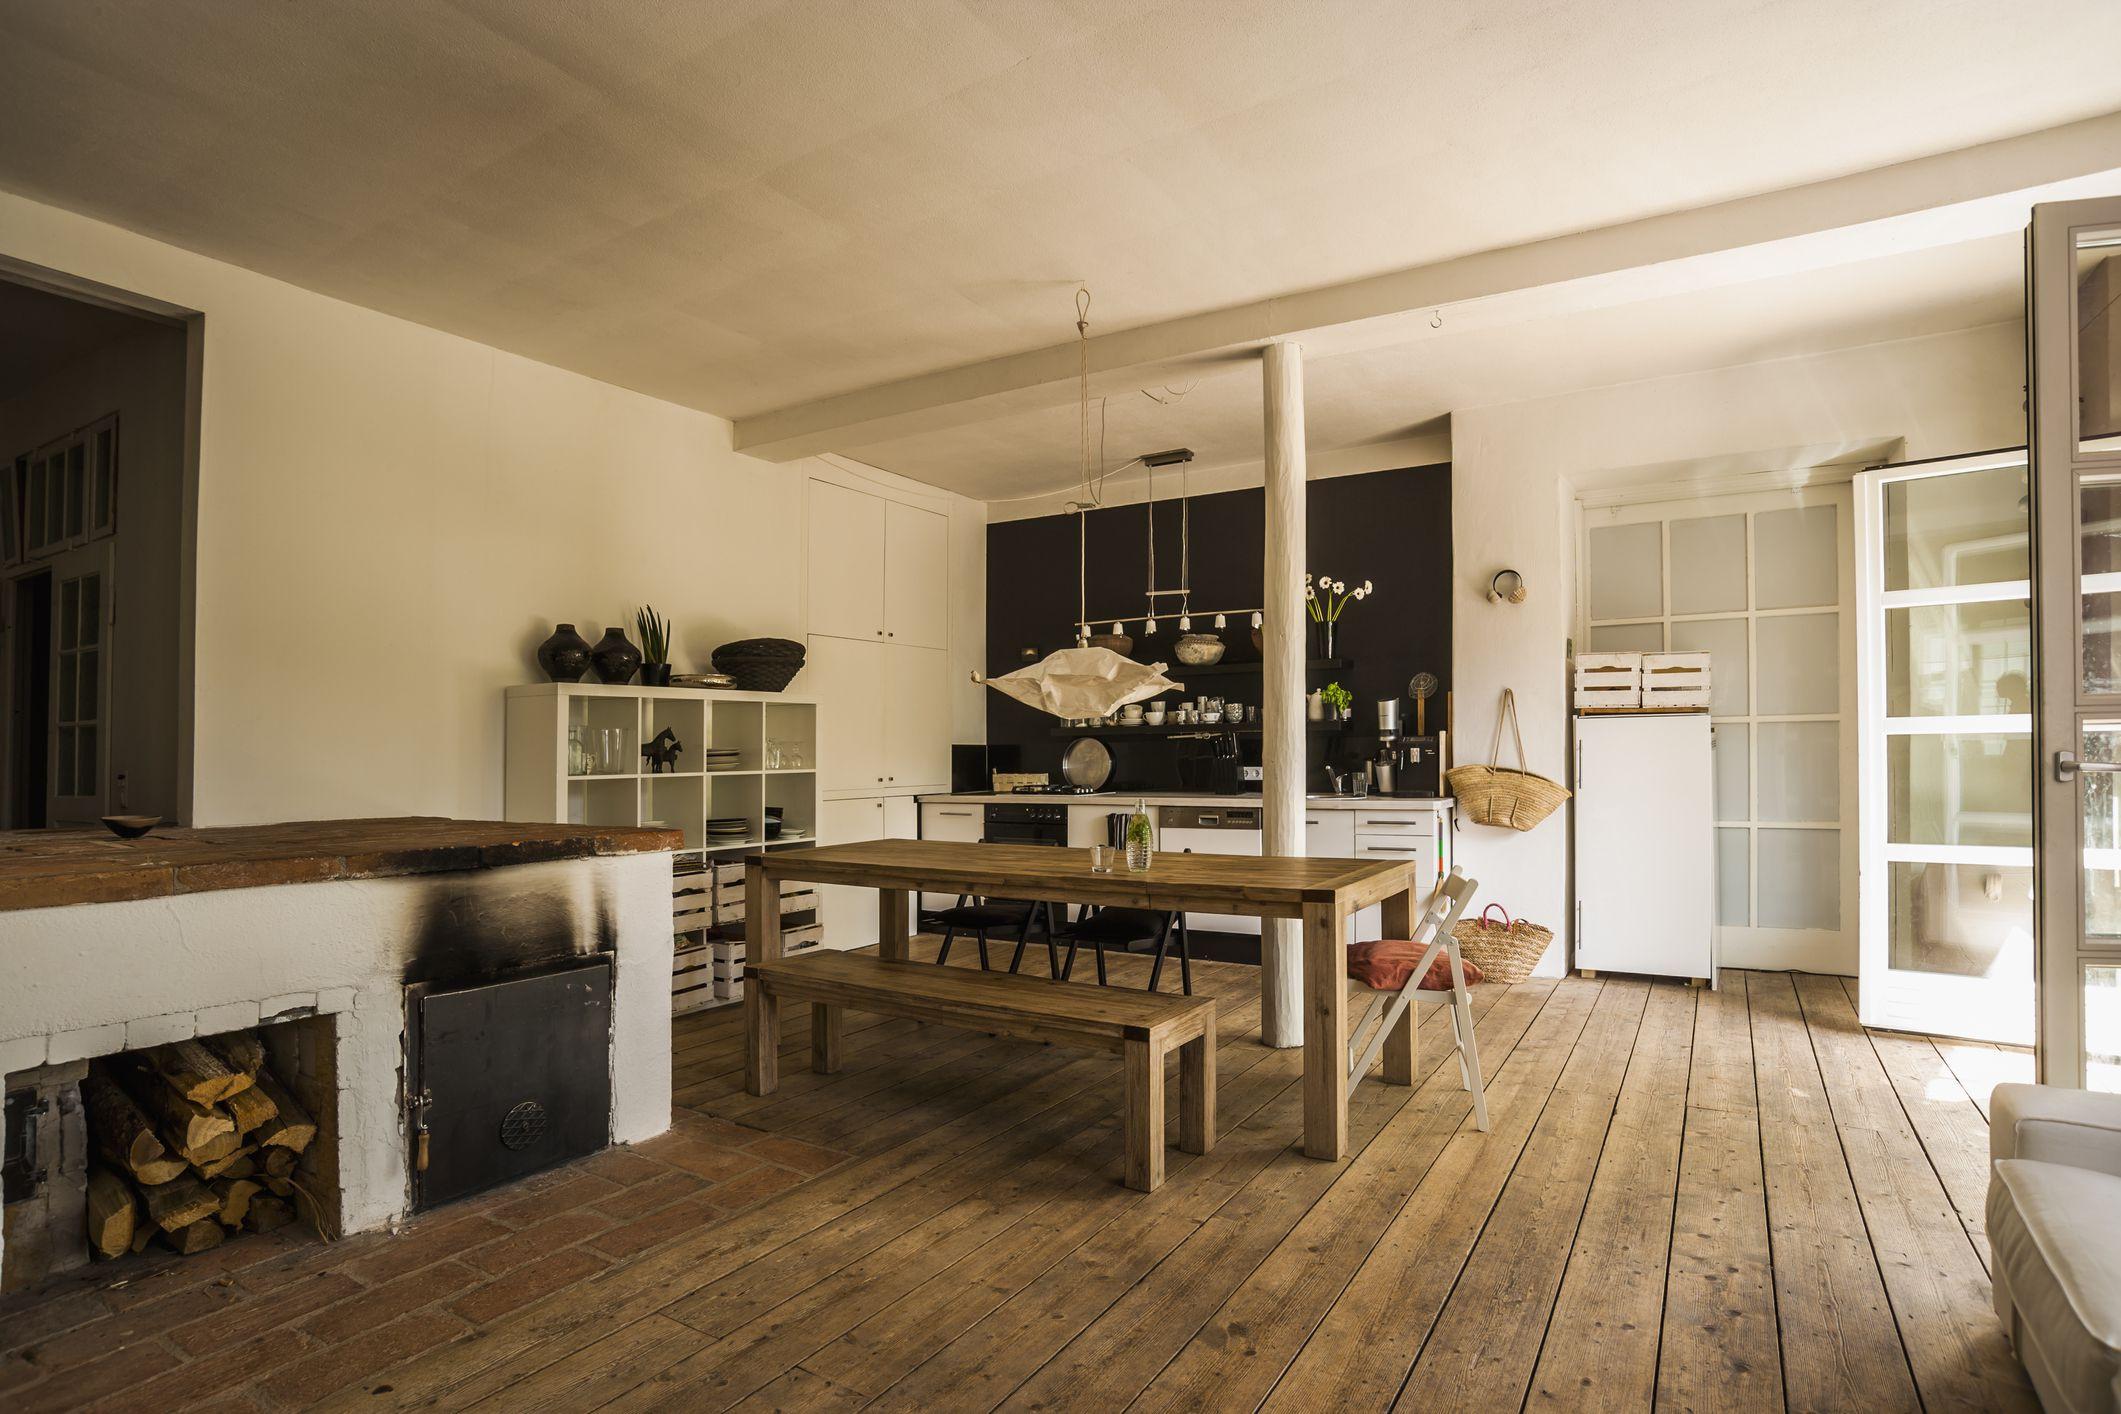 oak hardwood flooring types of vinyl wood flooring versus natural hardwood regarding diningroom woodenfloor gettyimages 544546775 590e57565f9b58647043440a